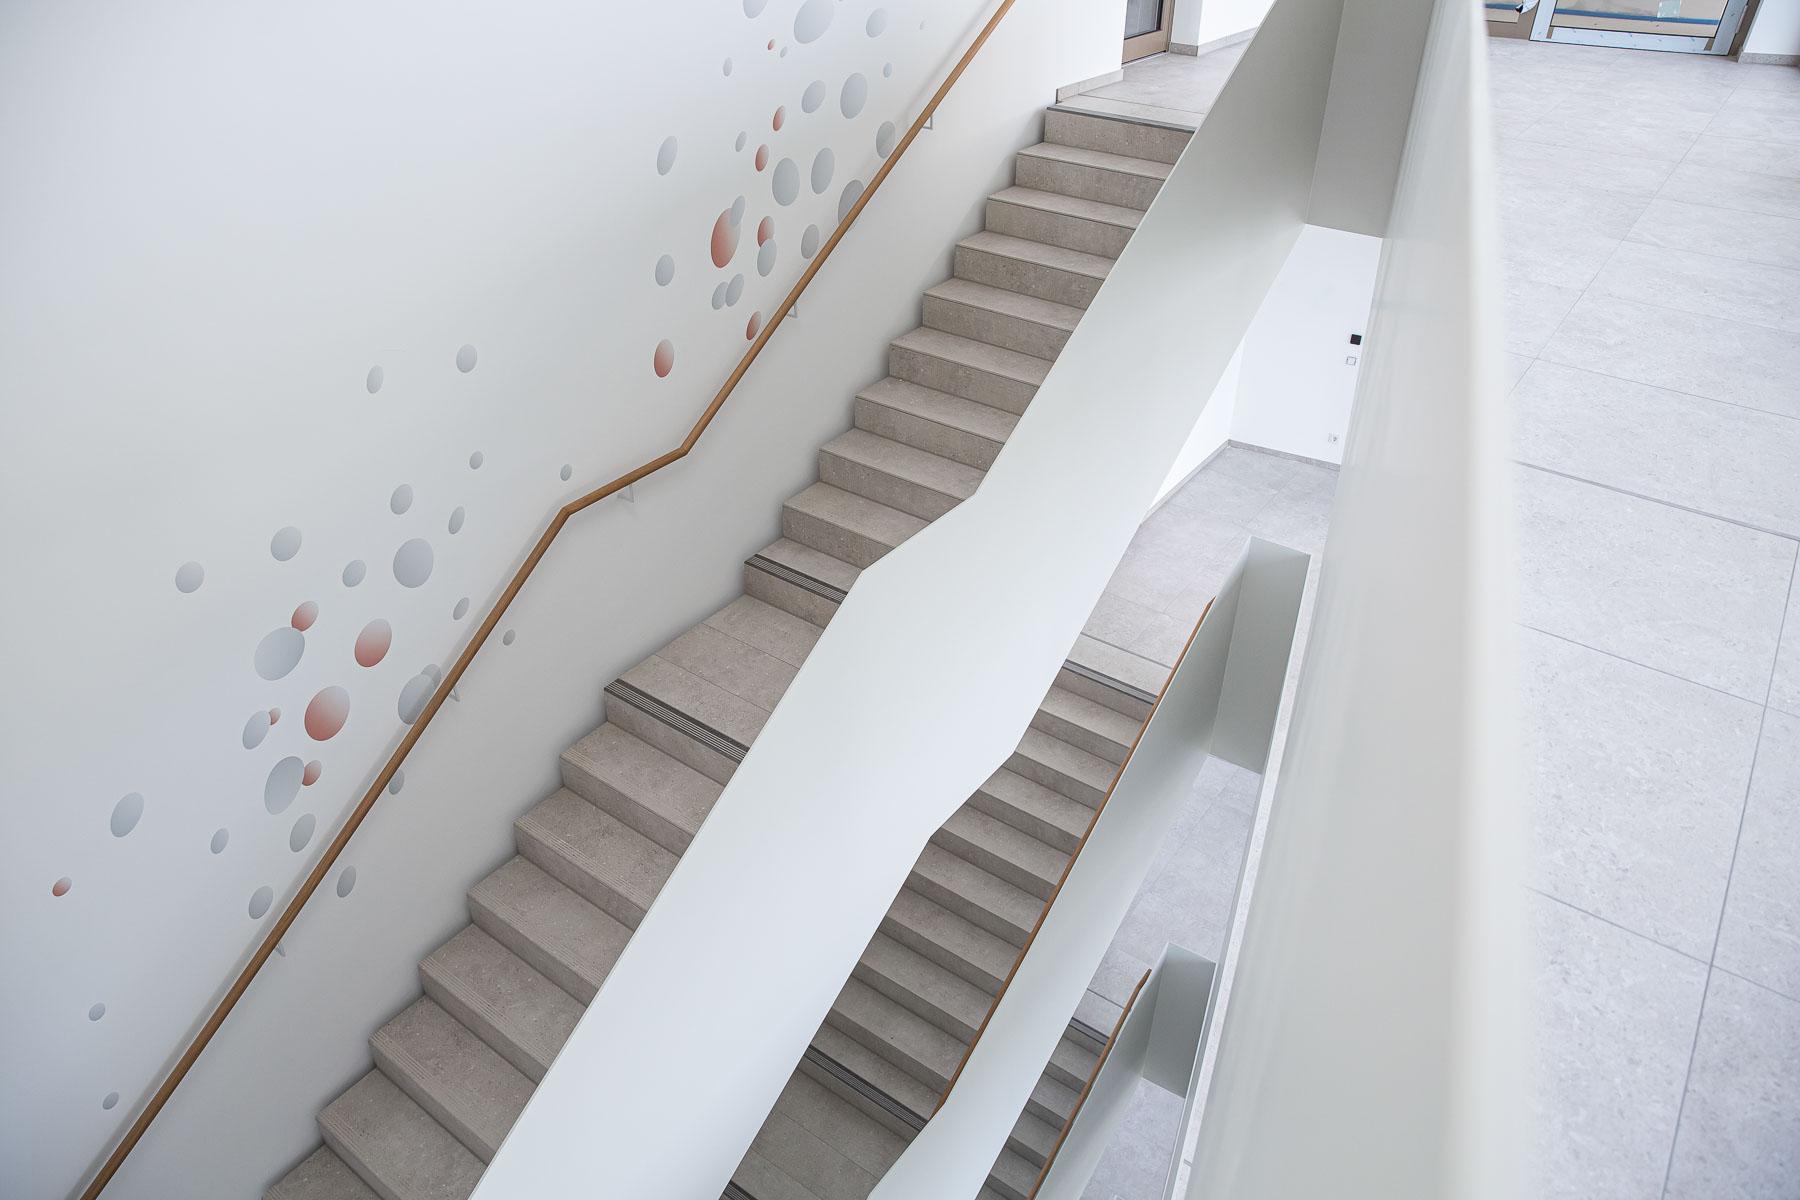 Blick in die Treppenhalle